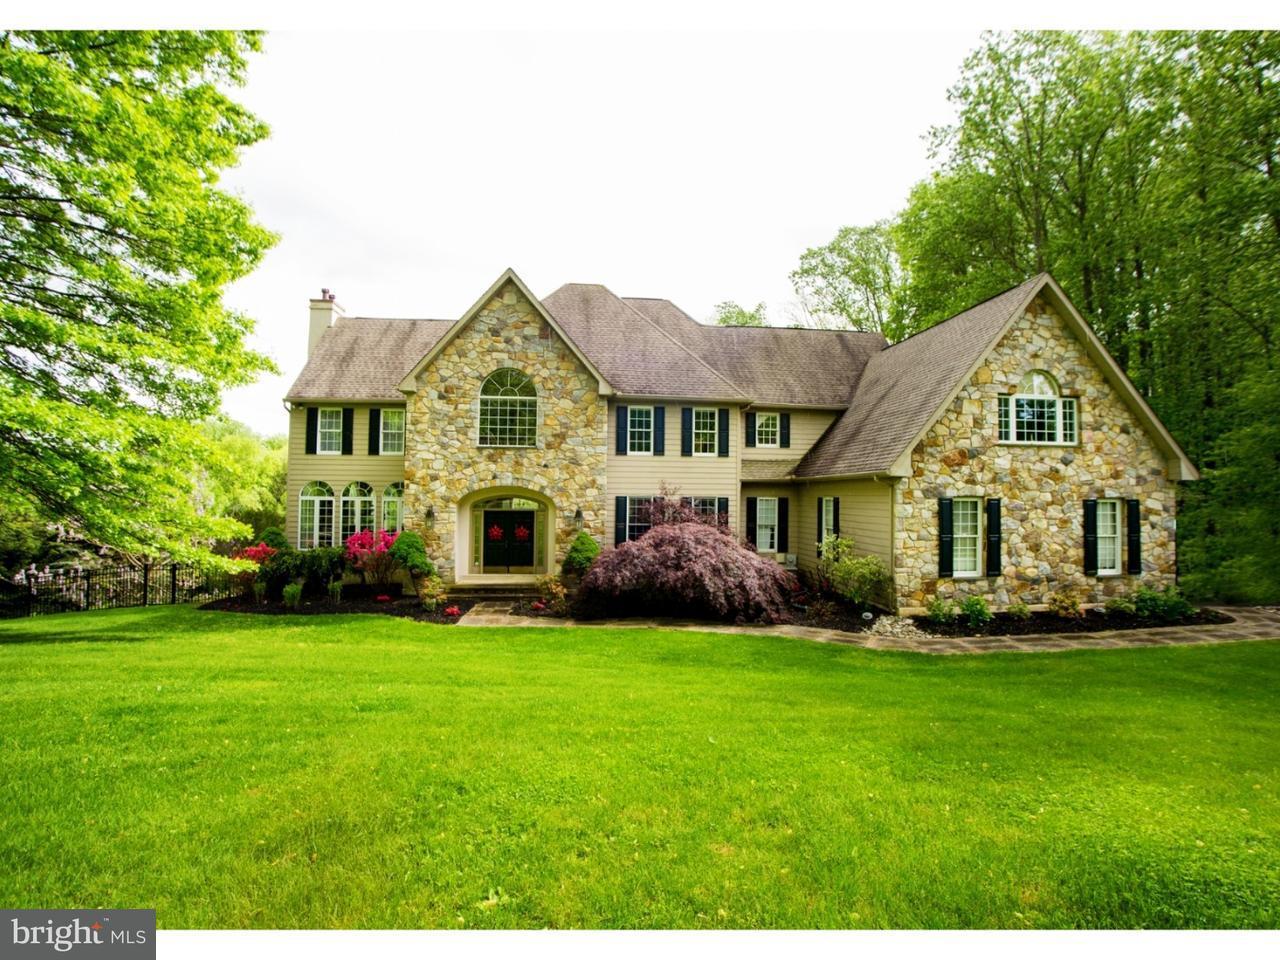 Maison unifamiliale pour l Vente à 8 HONEYSUCKLE Court Glen Mills, Pennsylvanie 19342 États-Unis